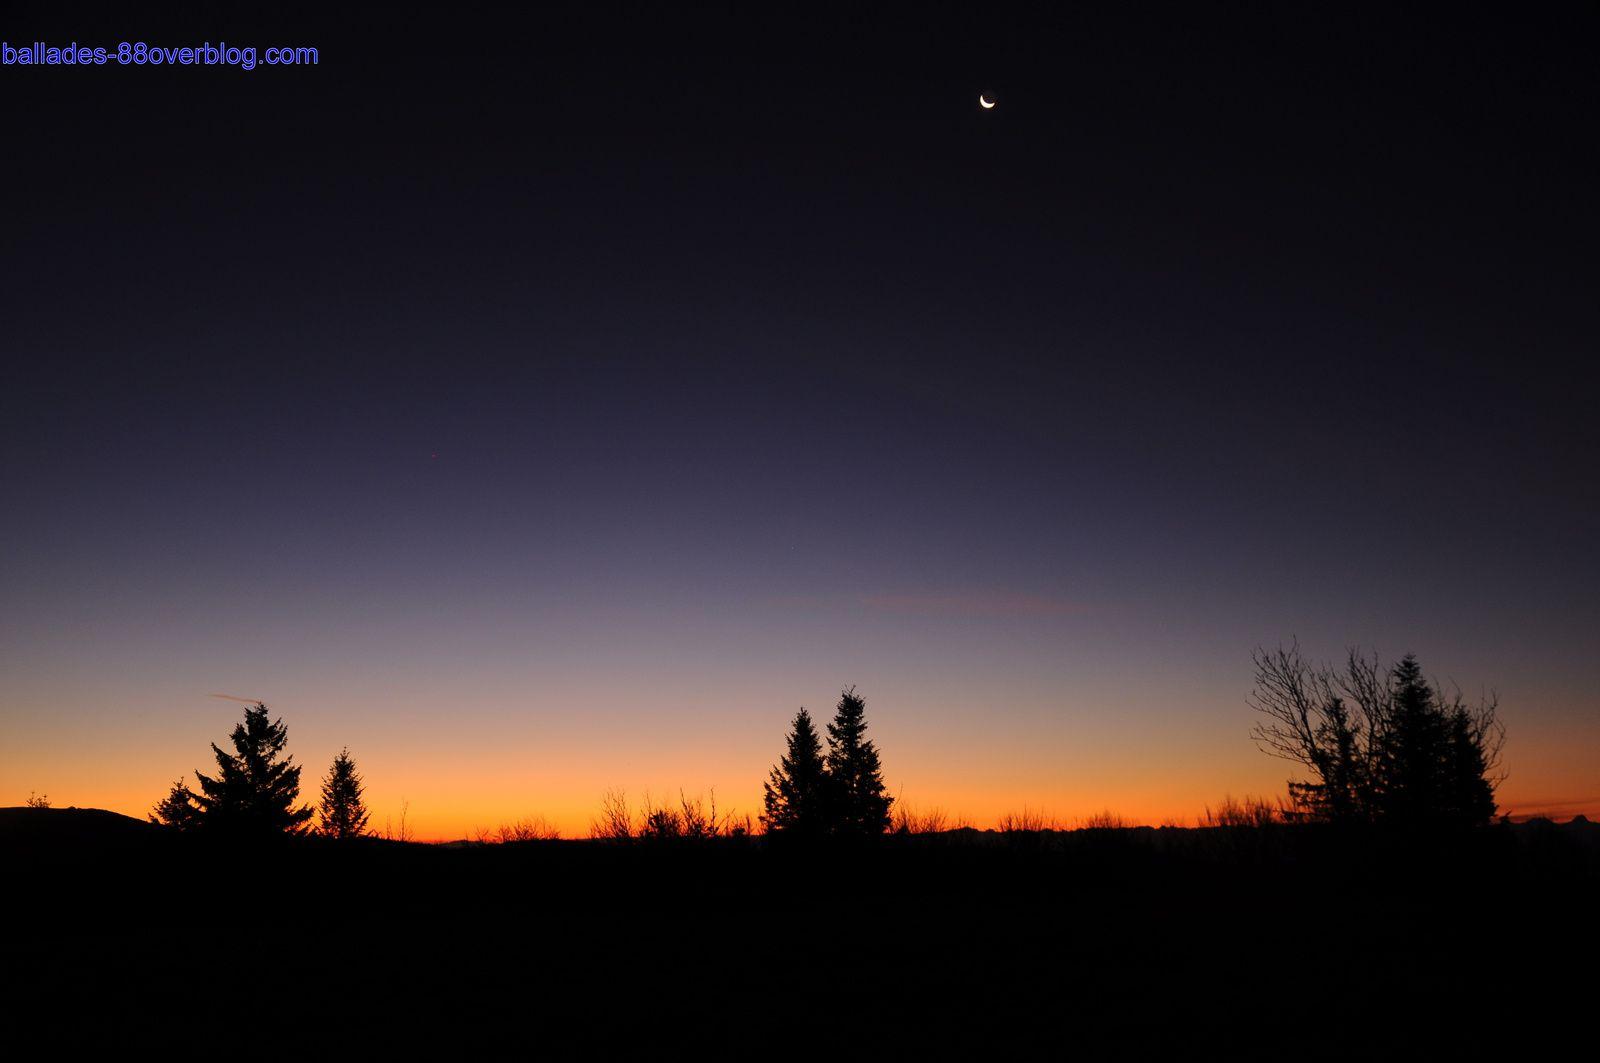 Crépuscule au ballon de Servance 08 novembre 2015